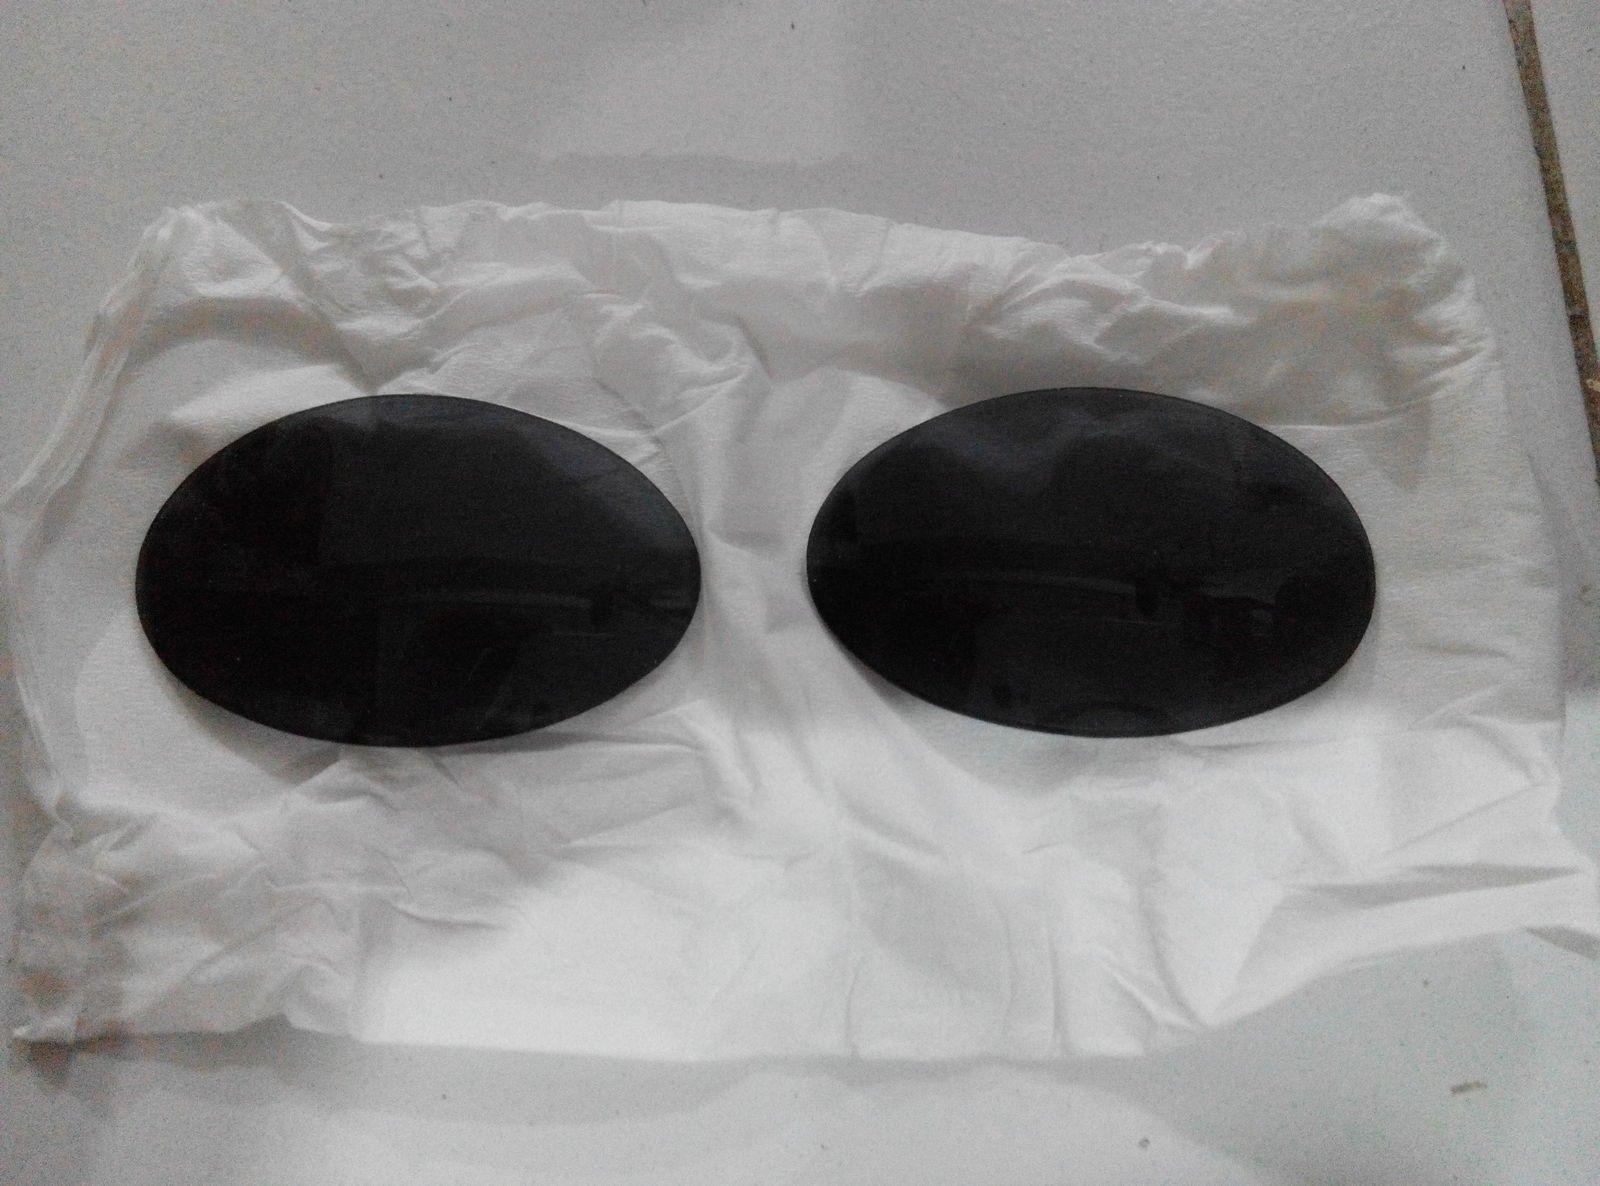 Oem custom cut ducati grey iridium for romeo 1 - IMG_20150616_193616.jpg